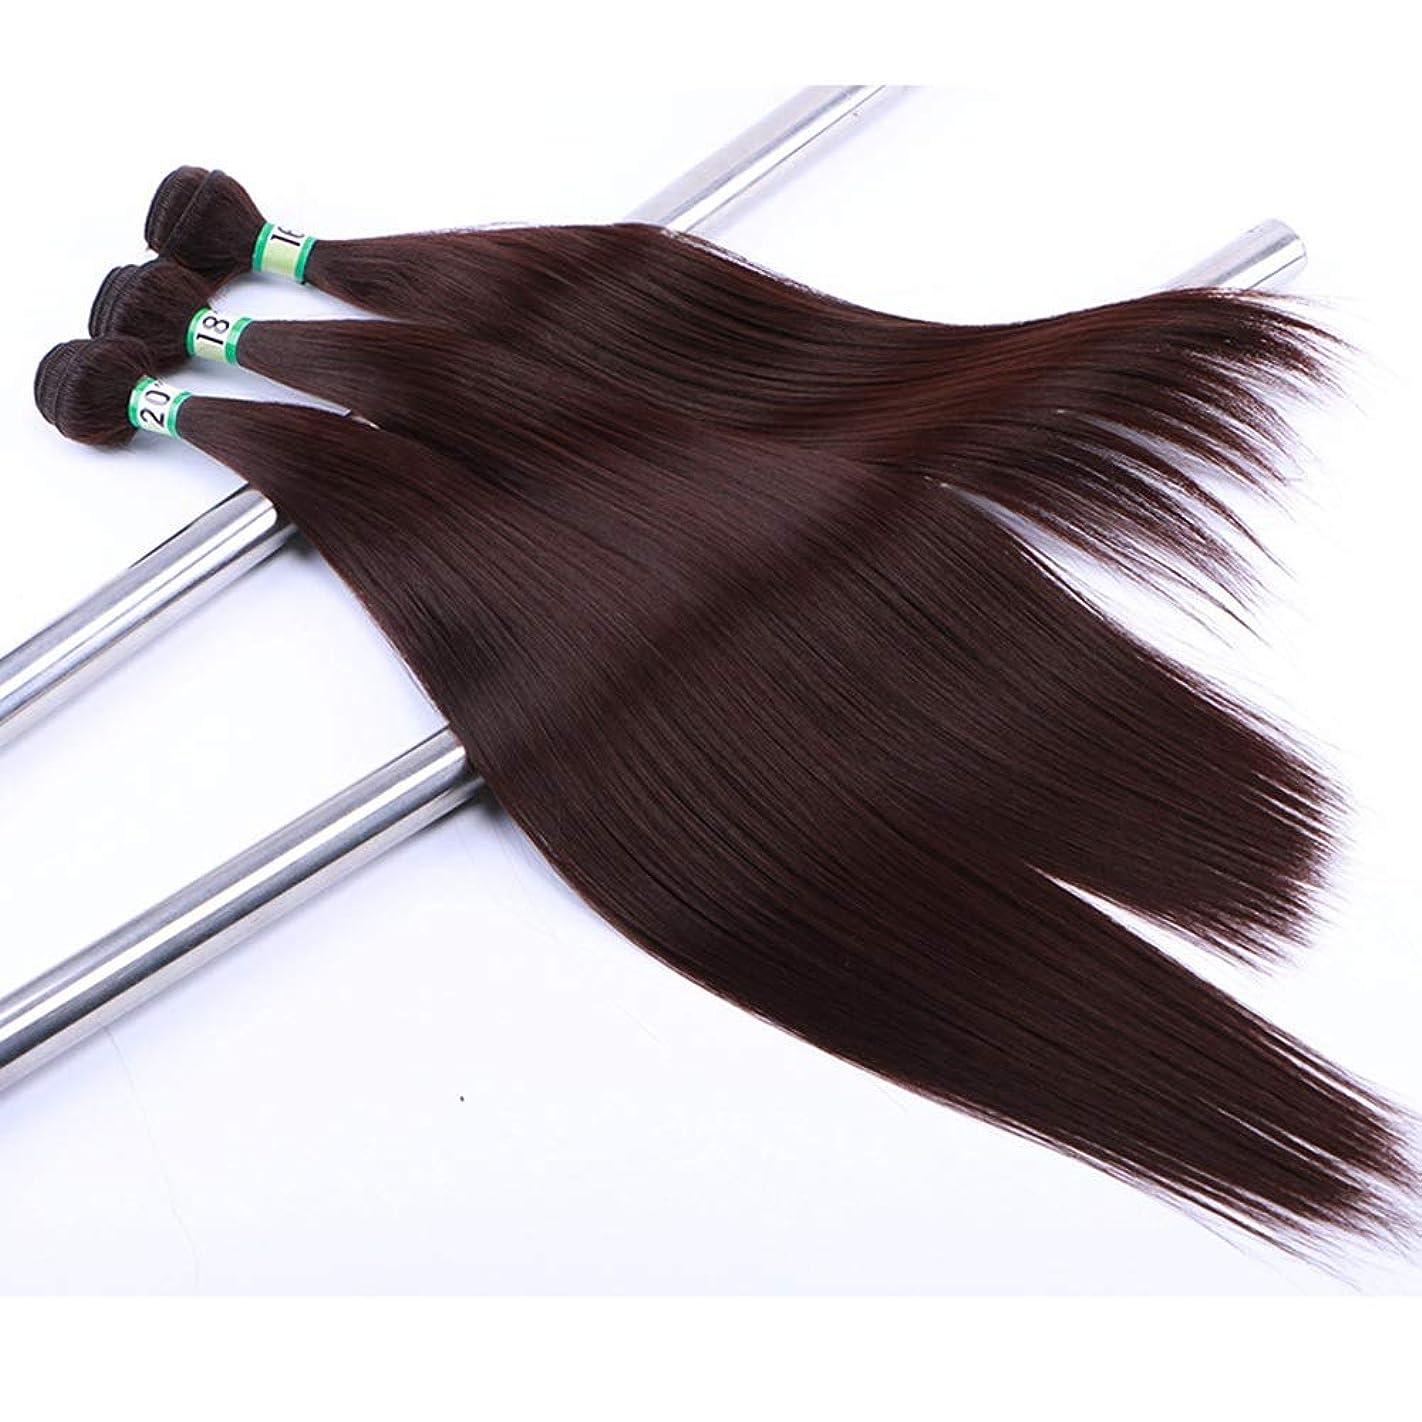 雇用者ファーザーファージュマダムHOHYLLYA 人工毛バンドルストレートヘアエクステンション3バンドル - 1B#ナチュラルカラー(16